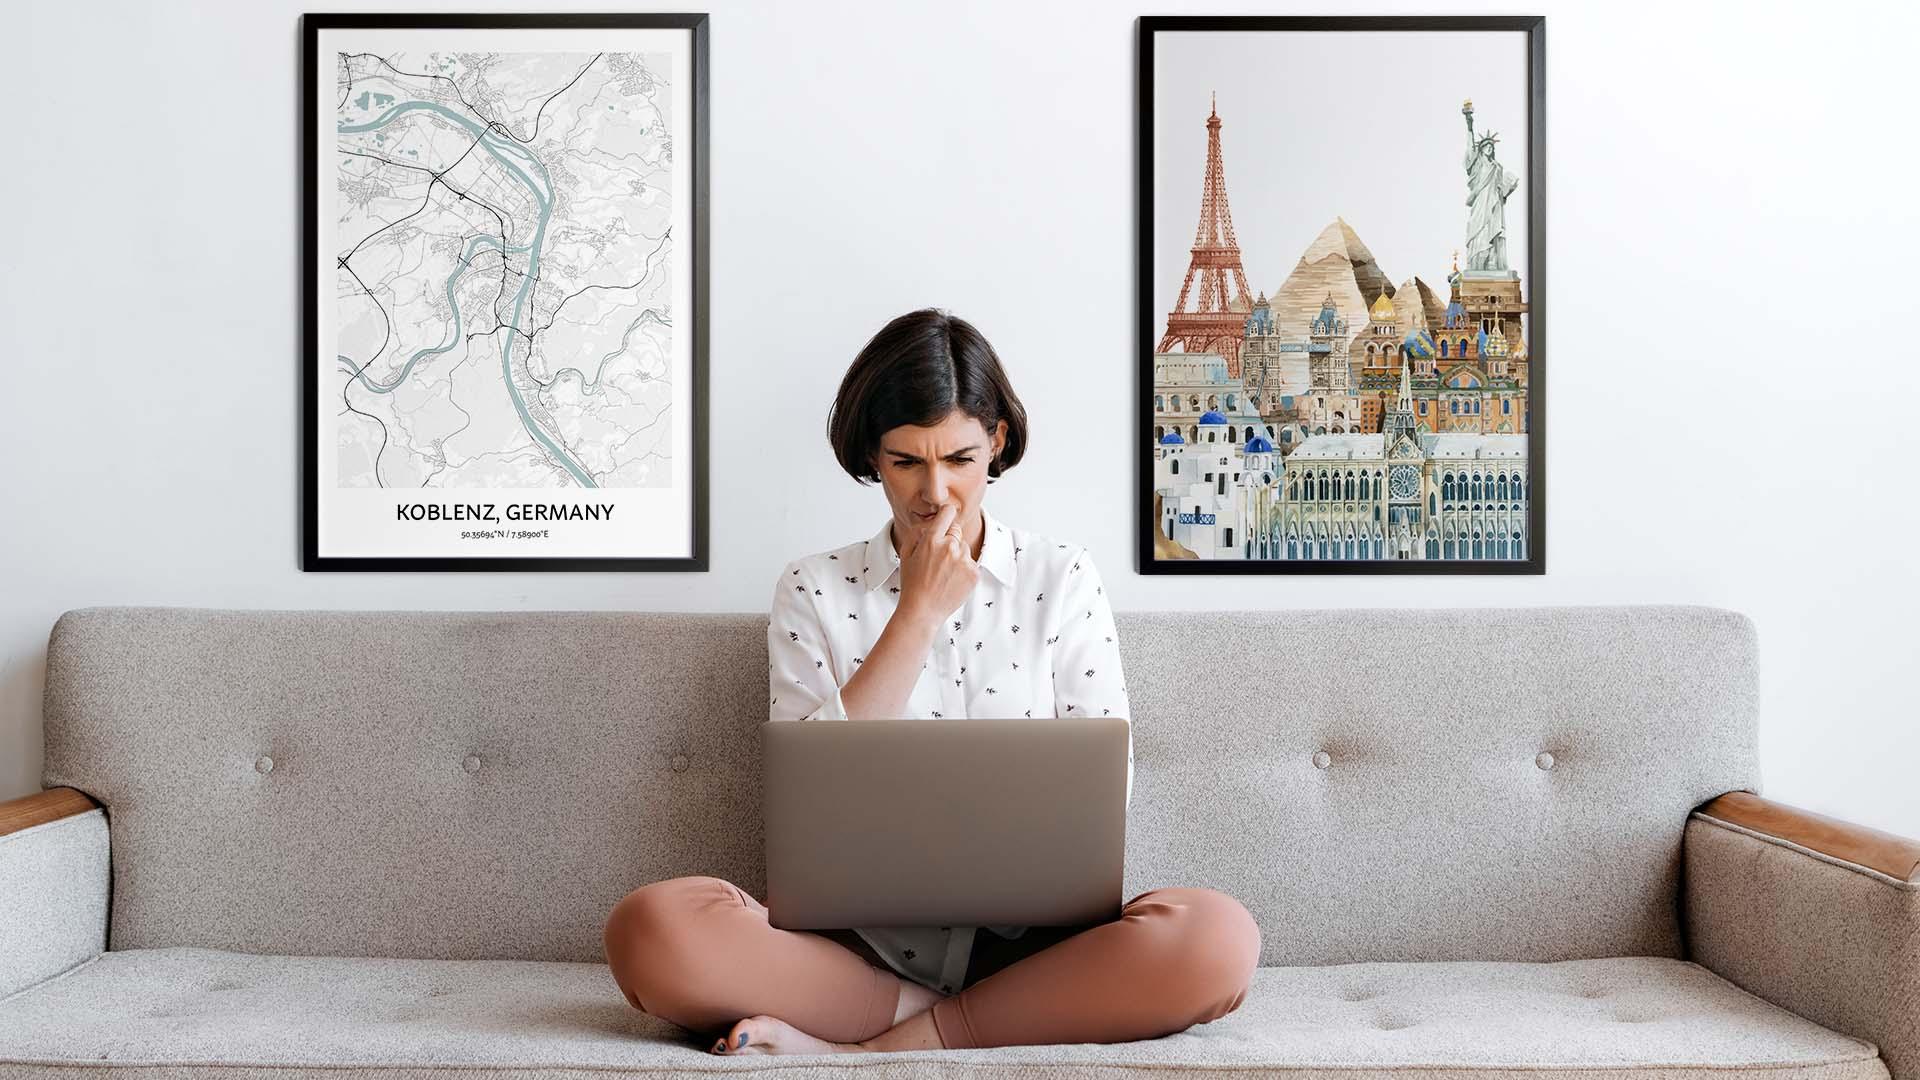 Koblenz city map art